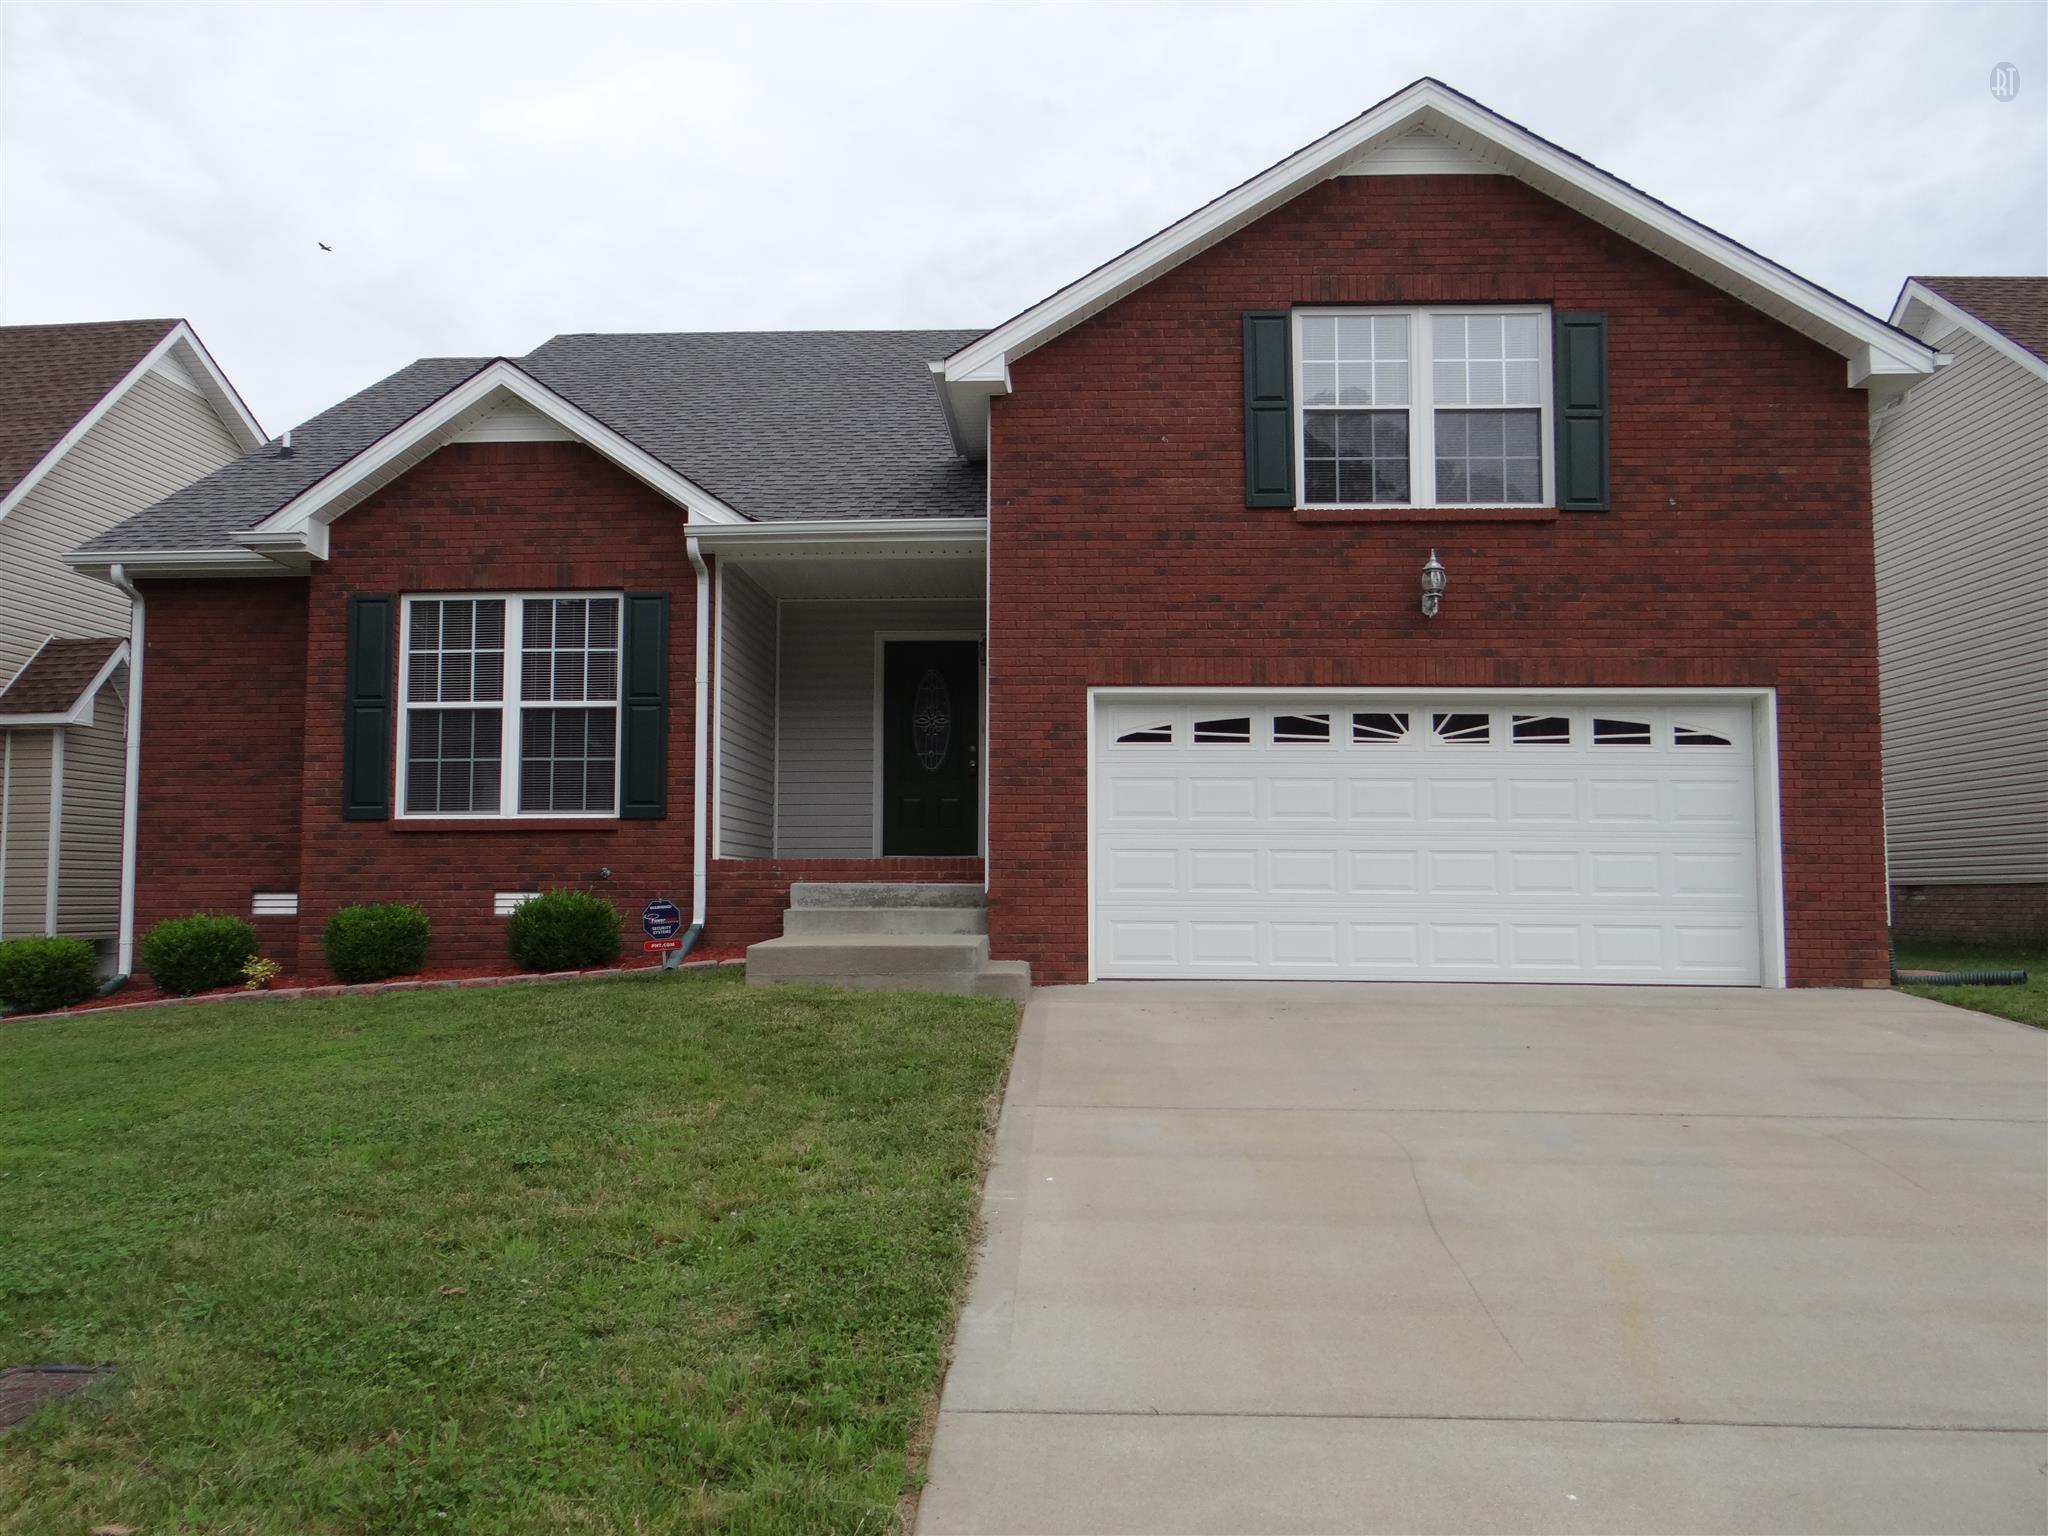 1401 Bruceton Dr, Clarksville, TN 37042